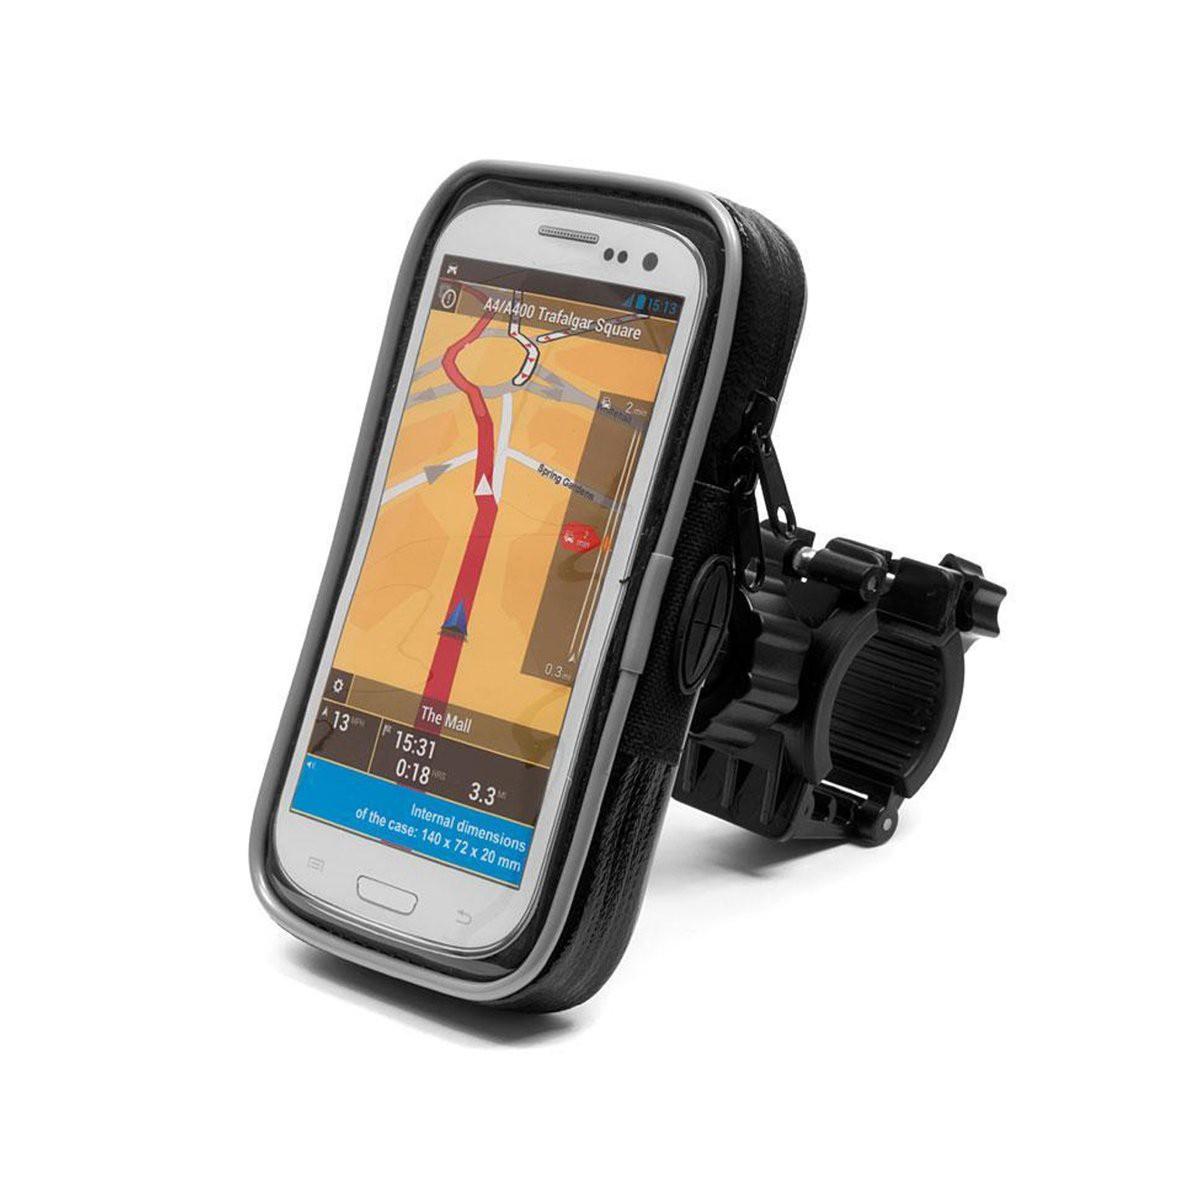 Βάση Στήριξης Ποδηλάτου με Αδιάβροχη Θήκη moto eXtreme για Smartphone Περιστρεφόμενη και με Έξοδο για Καλώδιο 167x90x20